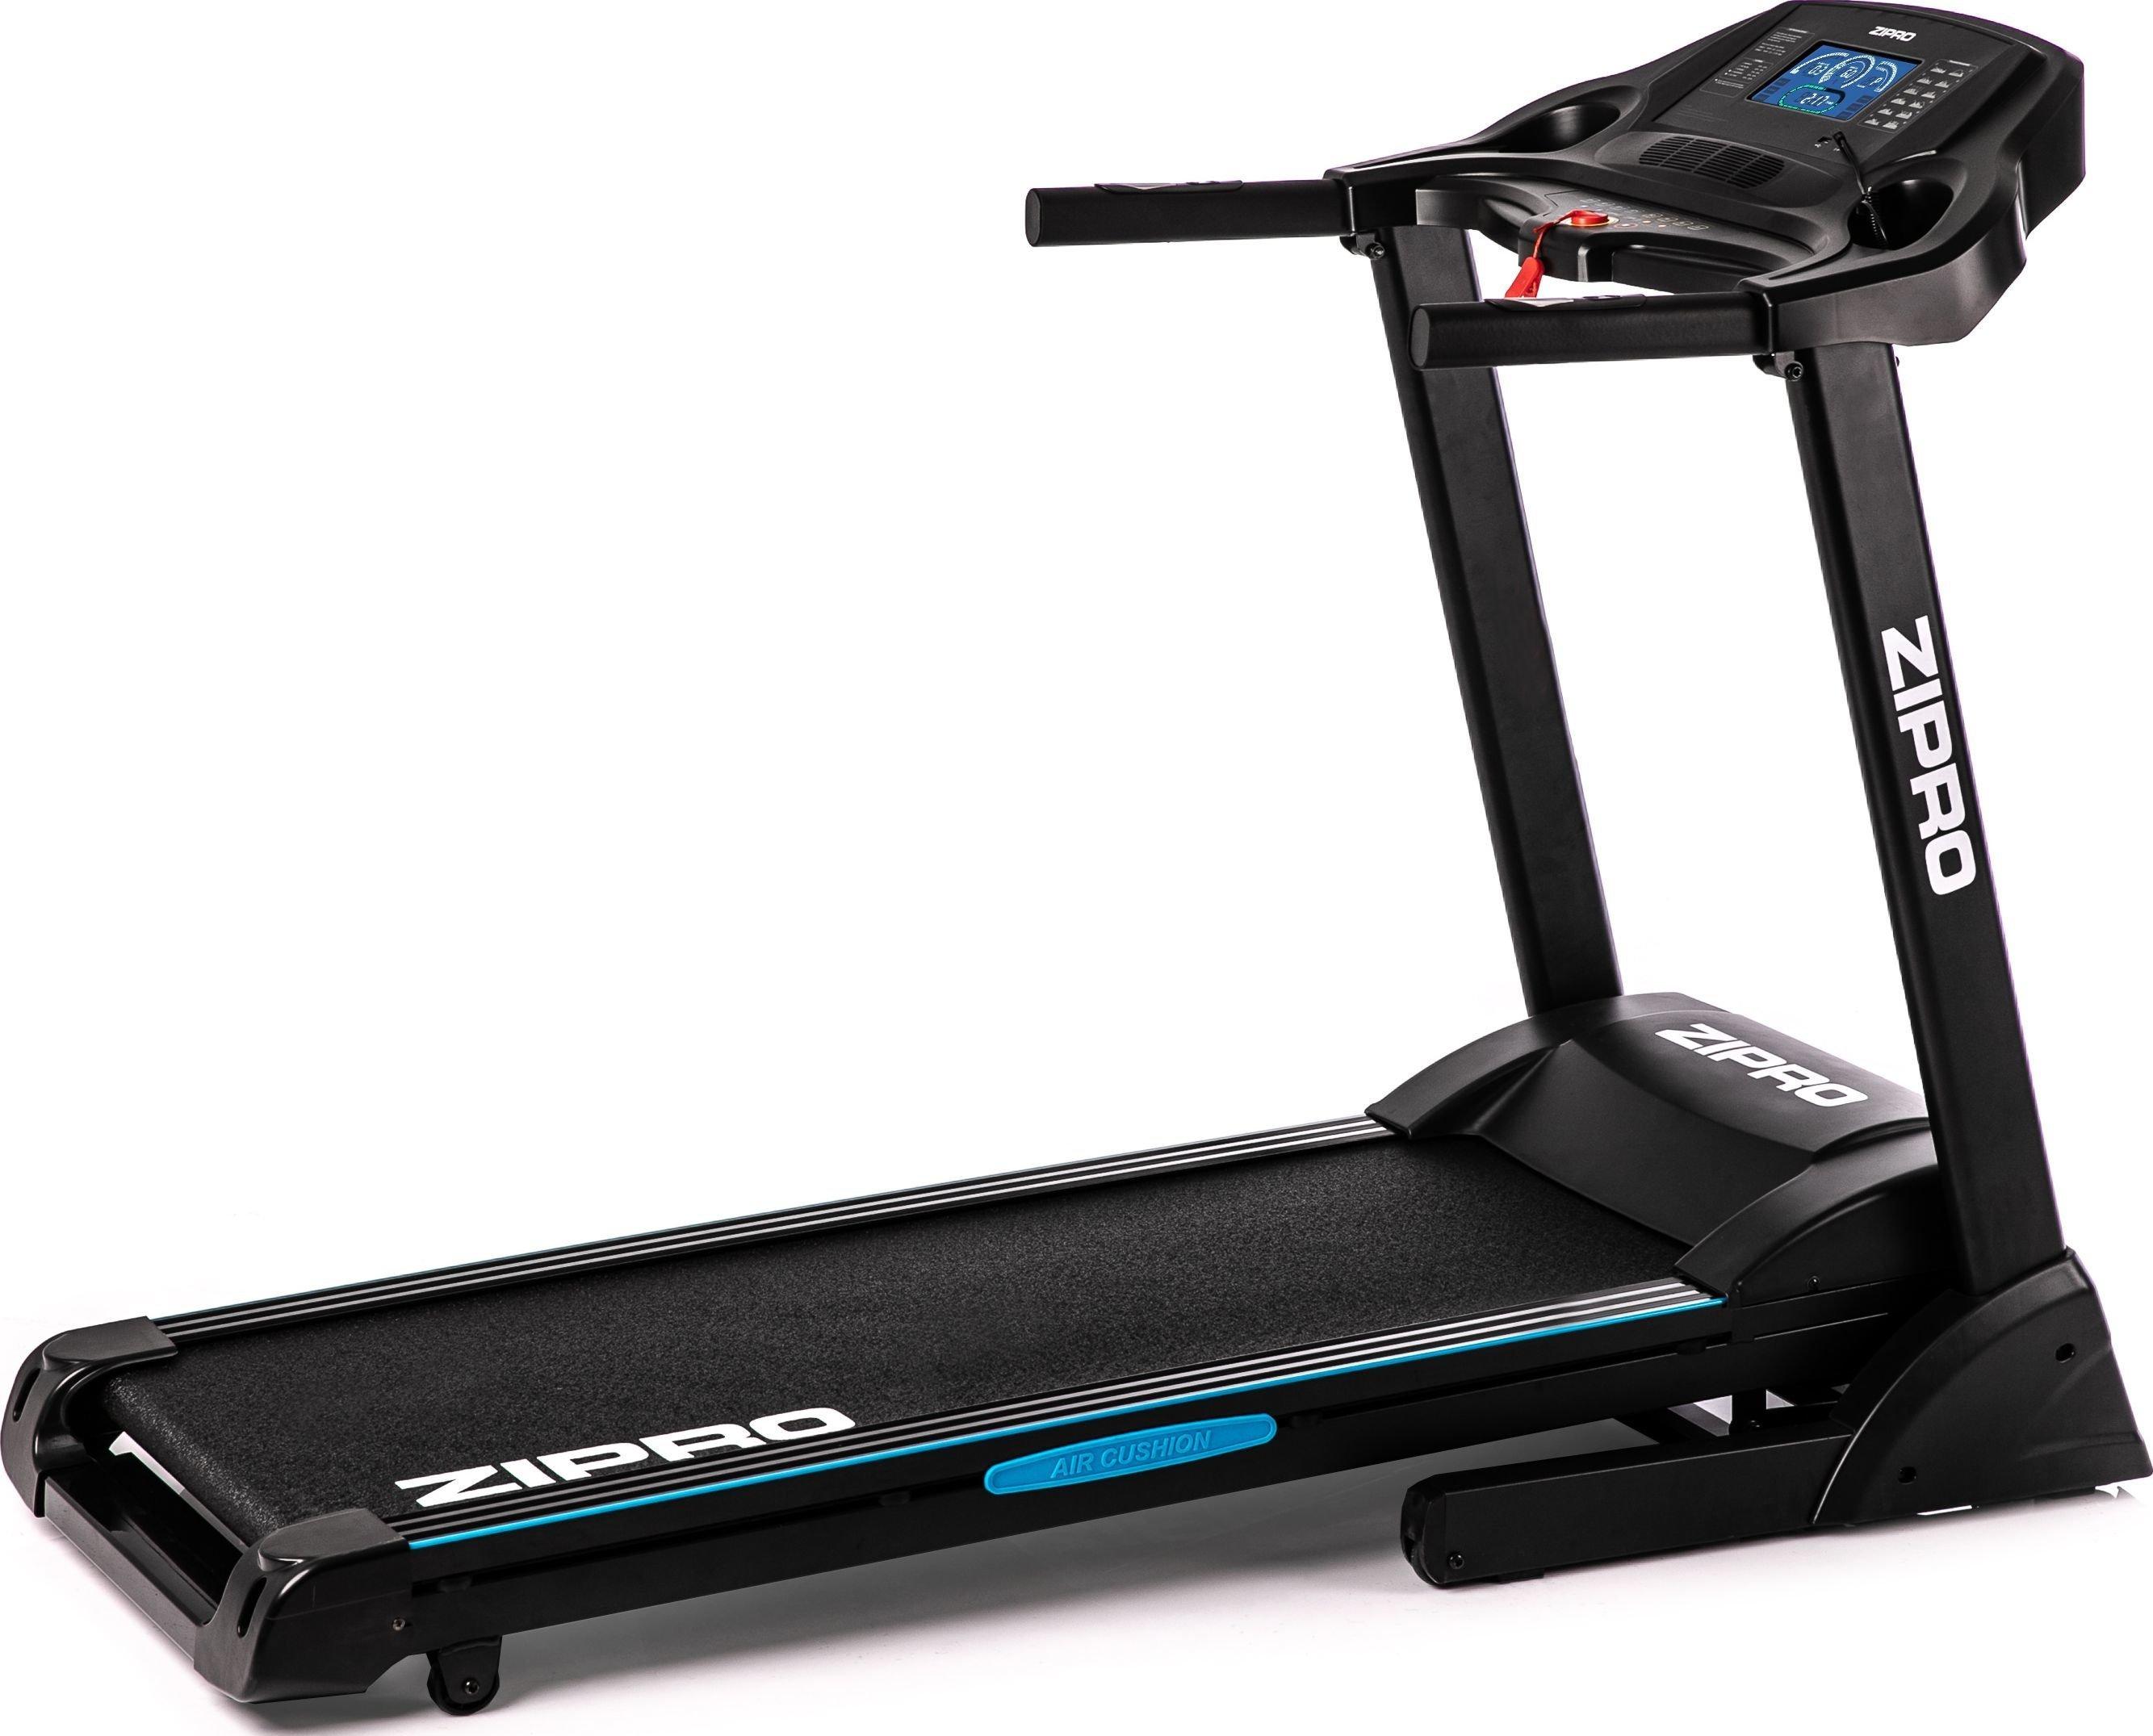 Jooksuratta rasva poletamise kiirus Top kaalulangus vigu